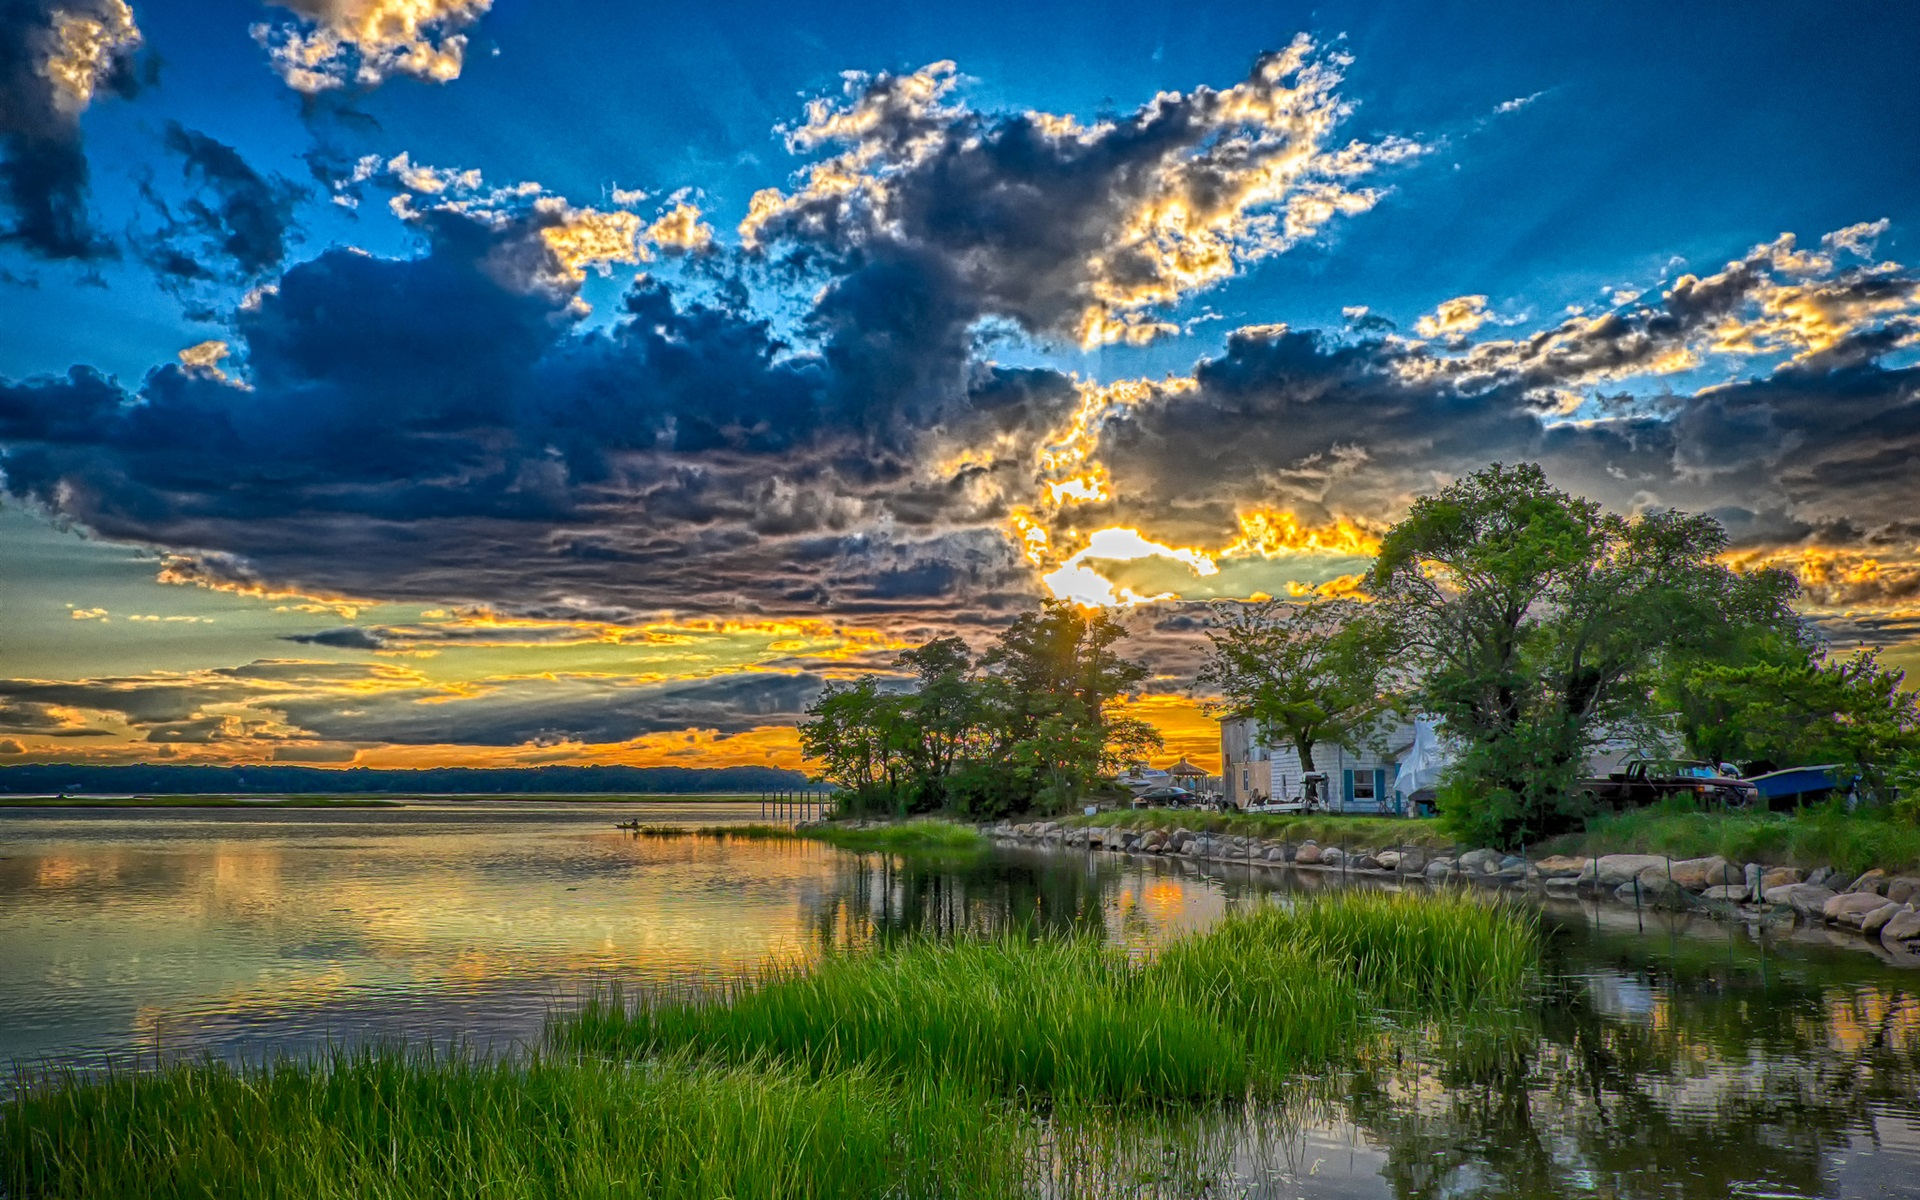 Fonds d'écran Lac, arbres, maison, herbe, coucher de soleil 1920x1200 HD image